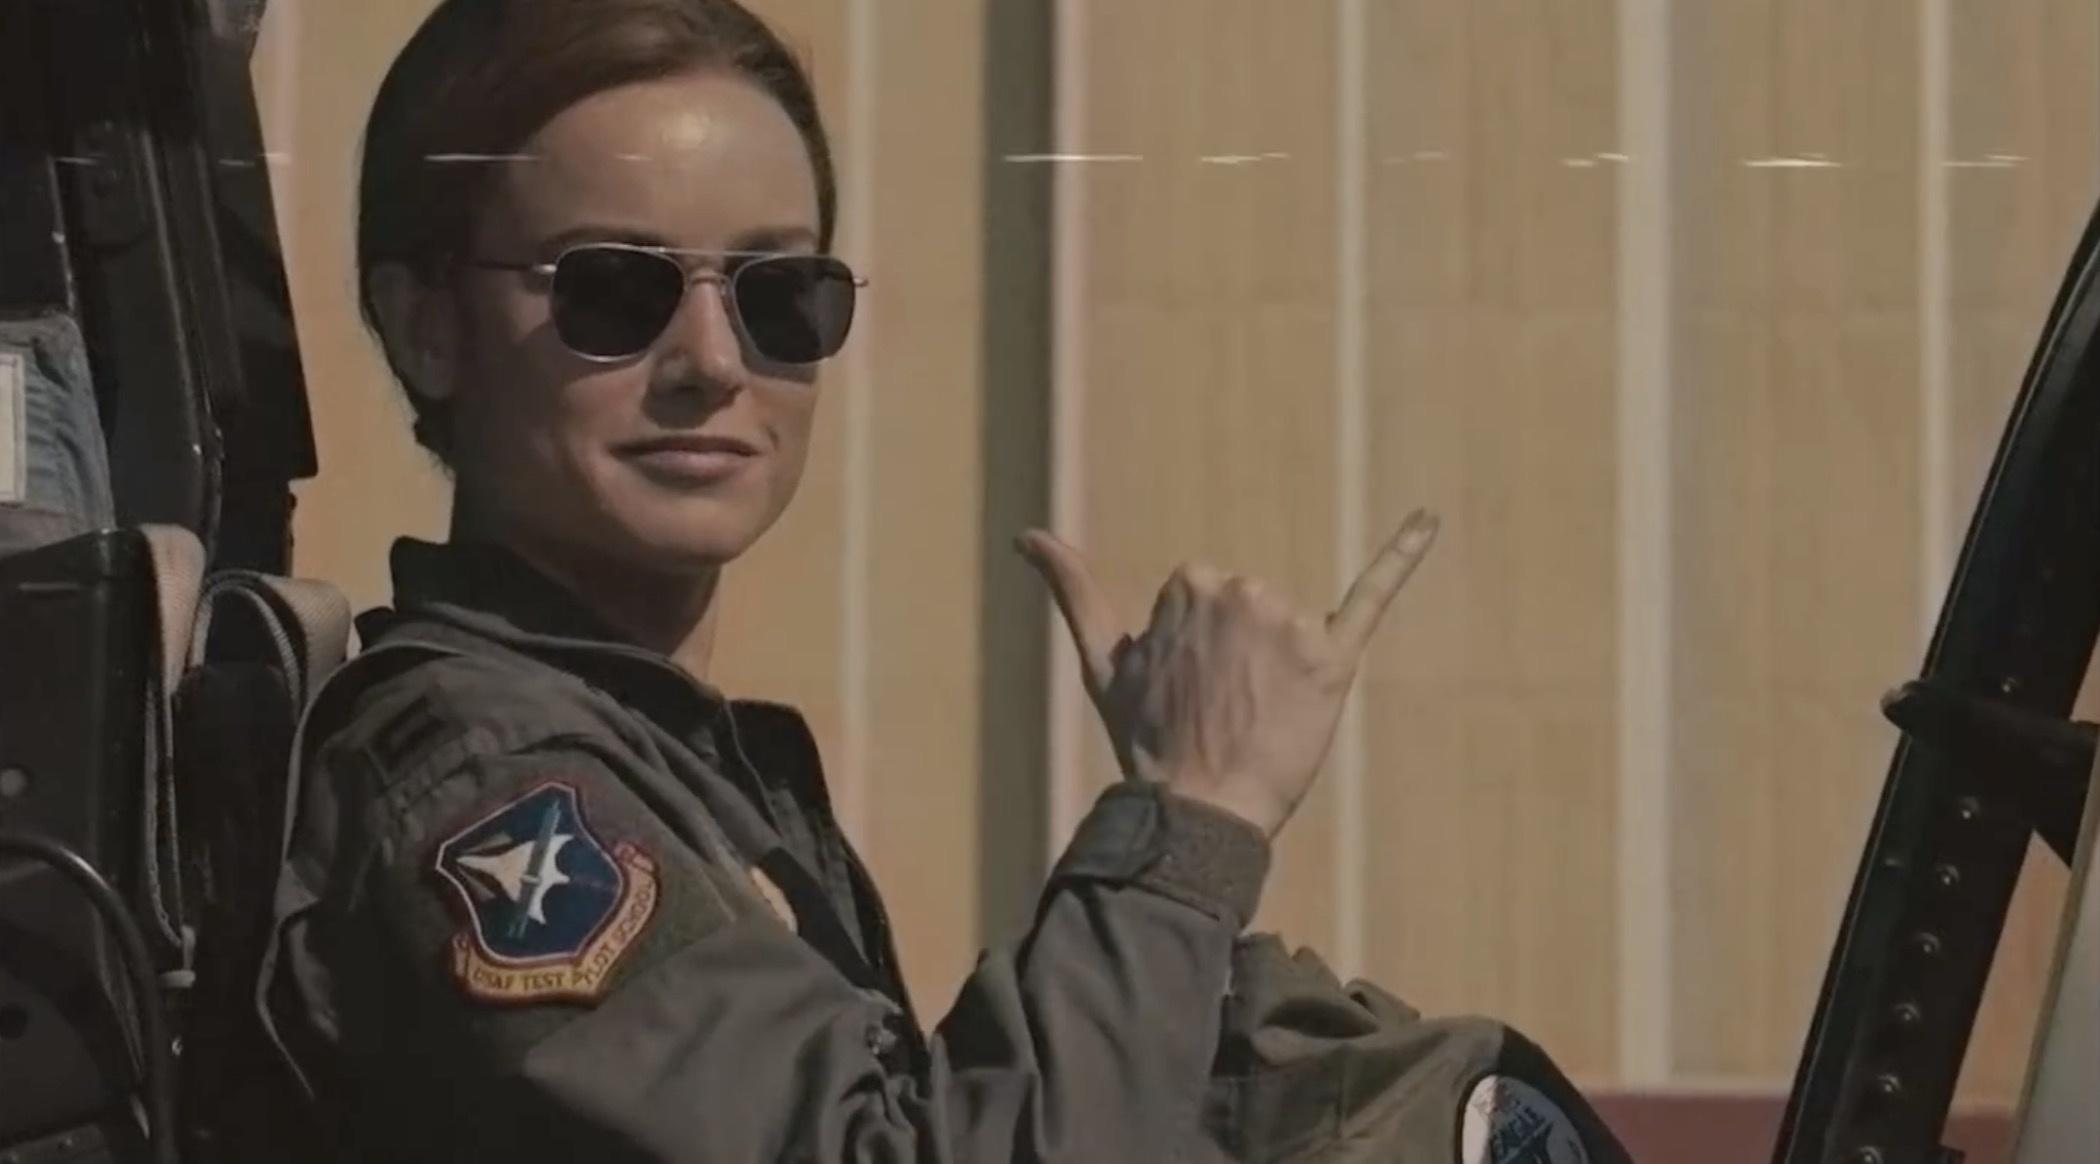 如果《驚奇隊長》是一部90年代的電影,它的預告片會是這樣